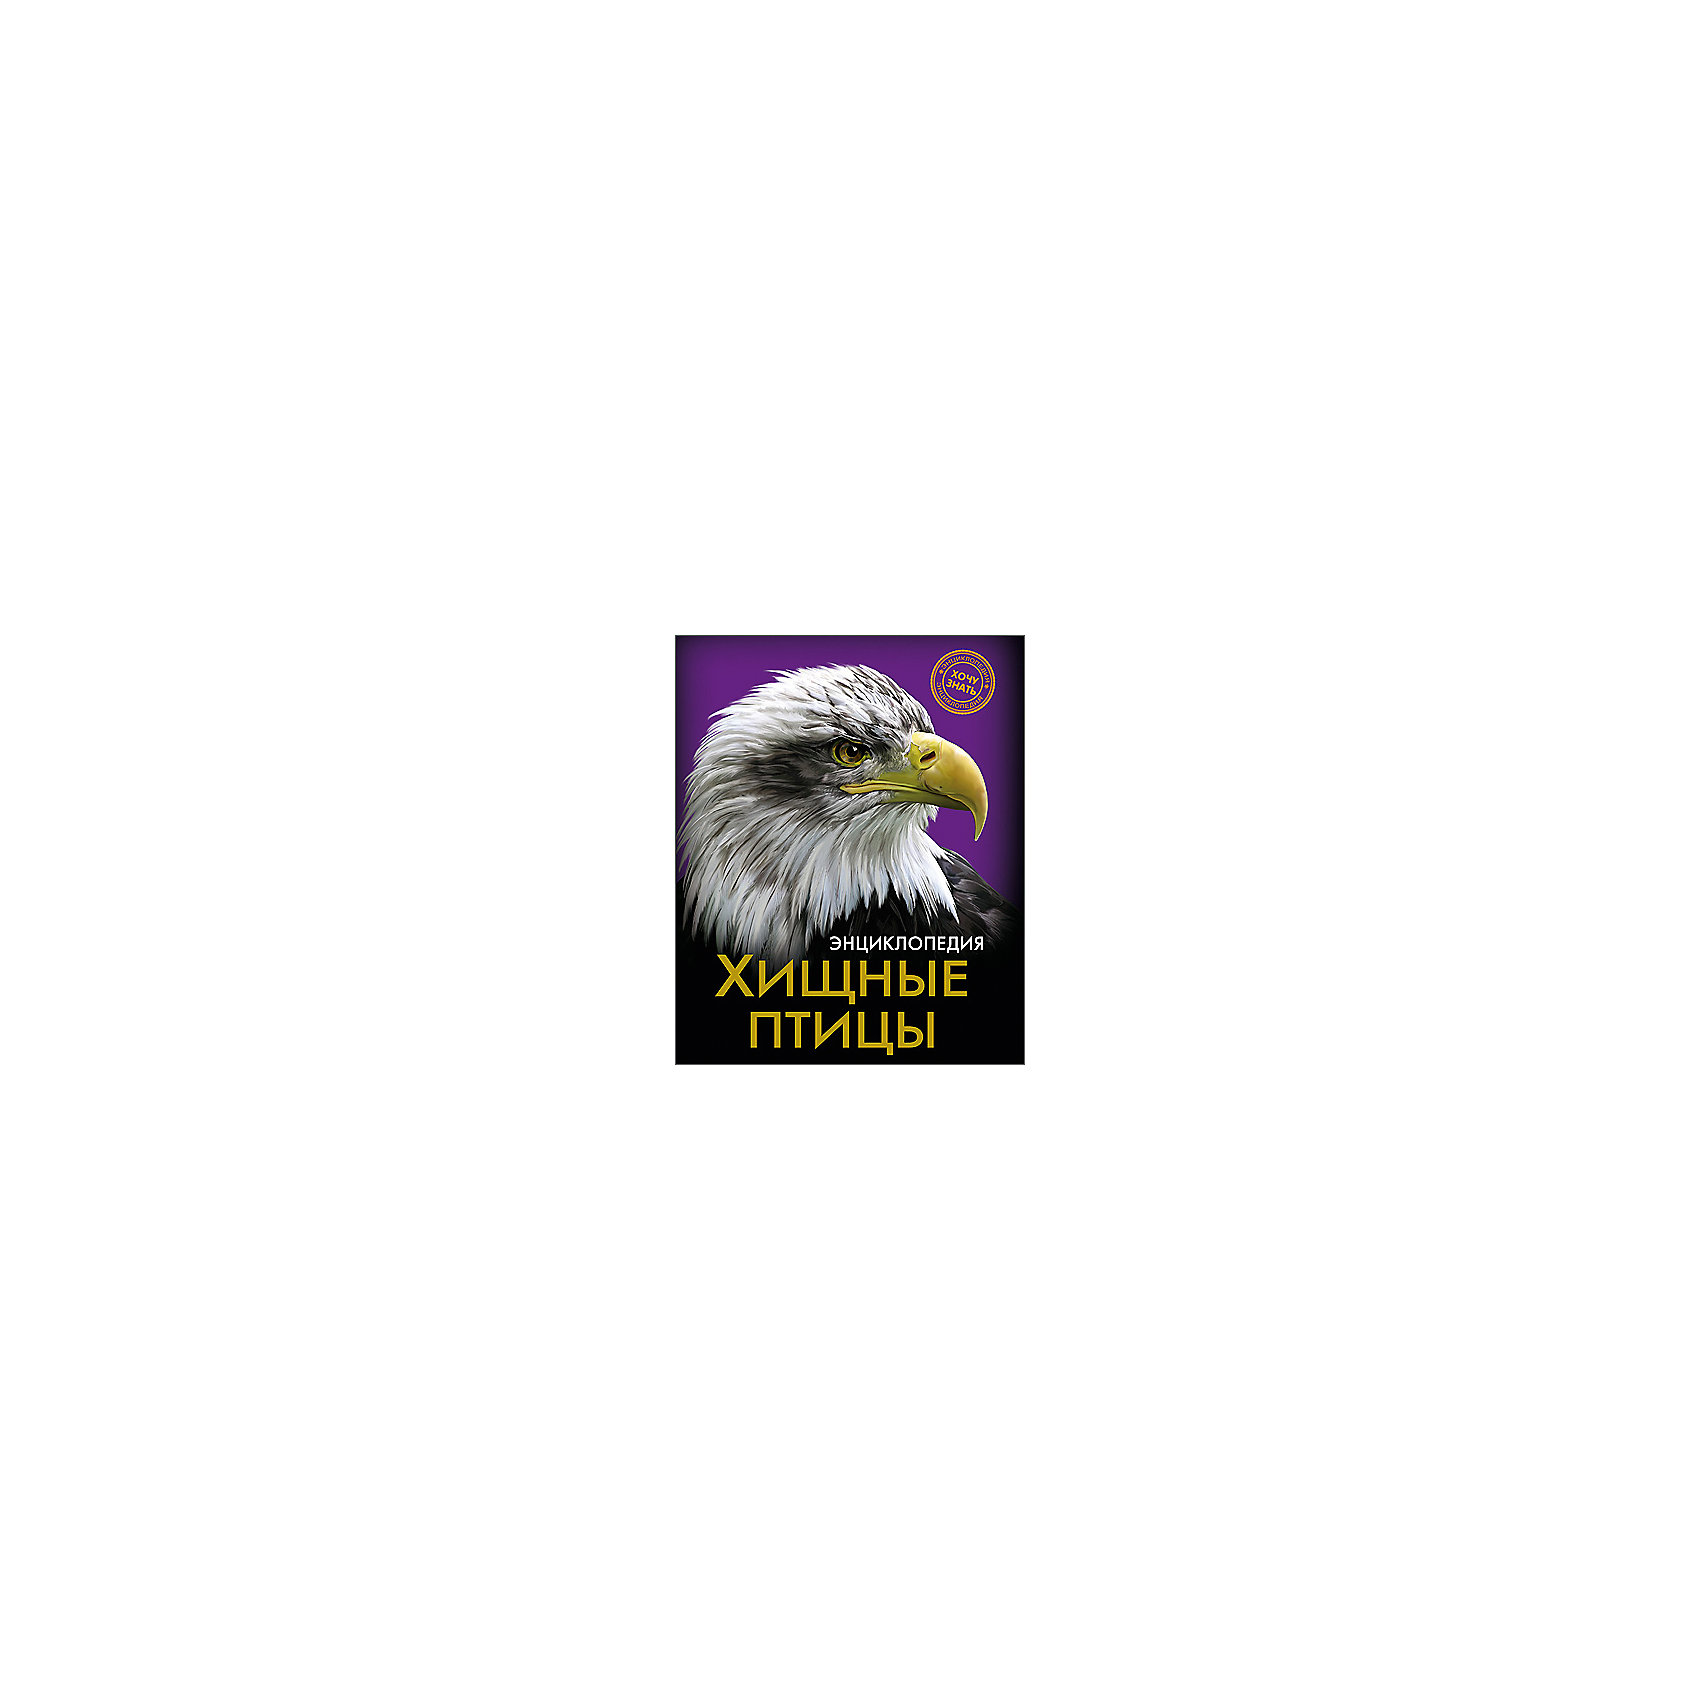 Энциклопедия Хищные птицыЭта энциклопедия позволит вашему ребенку узнать много нового о хищных птицах! В этом издании вы найдете множество интересных и увлекательных тем и фактов, изложенных простым, понятным для детей языком, дополненных яркими иллюстрациями. Энциклопедия в твердой красочной обложке станет прекрасным подарком на любой праздник и обязательно заинтересует ребенка, поможет расширить кругозор и увеличить словарный запас. <br><br>Дополнительная информация:<br><br>- Автор: Соколова Ярослава. <br>- Формат: 21,6х17 см.<br>- Переплет: твердый, 7БЦ.<br>- Количество страниц: 96.<br>- Иллюстрации: цветные.<br>- Содержание: Введение. Многообразие мира хищных птиц. Дневные хищные птицы. Ночные хищные птицы. Заключение.<br><br>Энциклопедию Хищные птицы можно купить в нашем магазине.<br><br>Ширина мм: 170<br>Глубина мм: 5<br>Высота мм: 215<br>Вес г: 310<br>Возраст от месяцев: 72<br>Возраст до месяцев: 2147483647<br>Пол: Унисекс<br>Возраст: Детский<br>SKU: 4756252